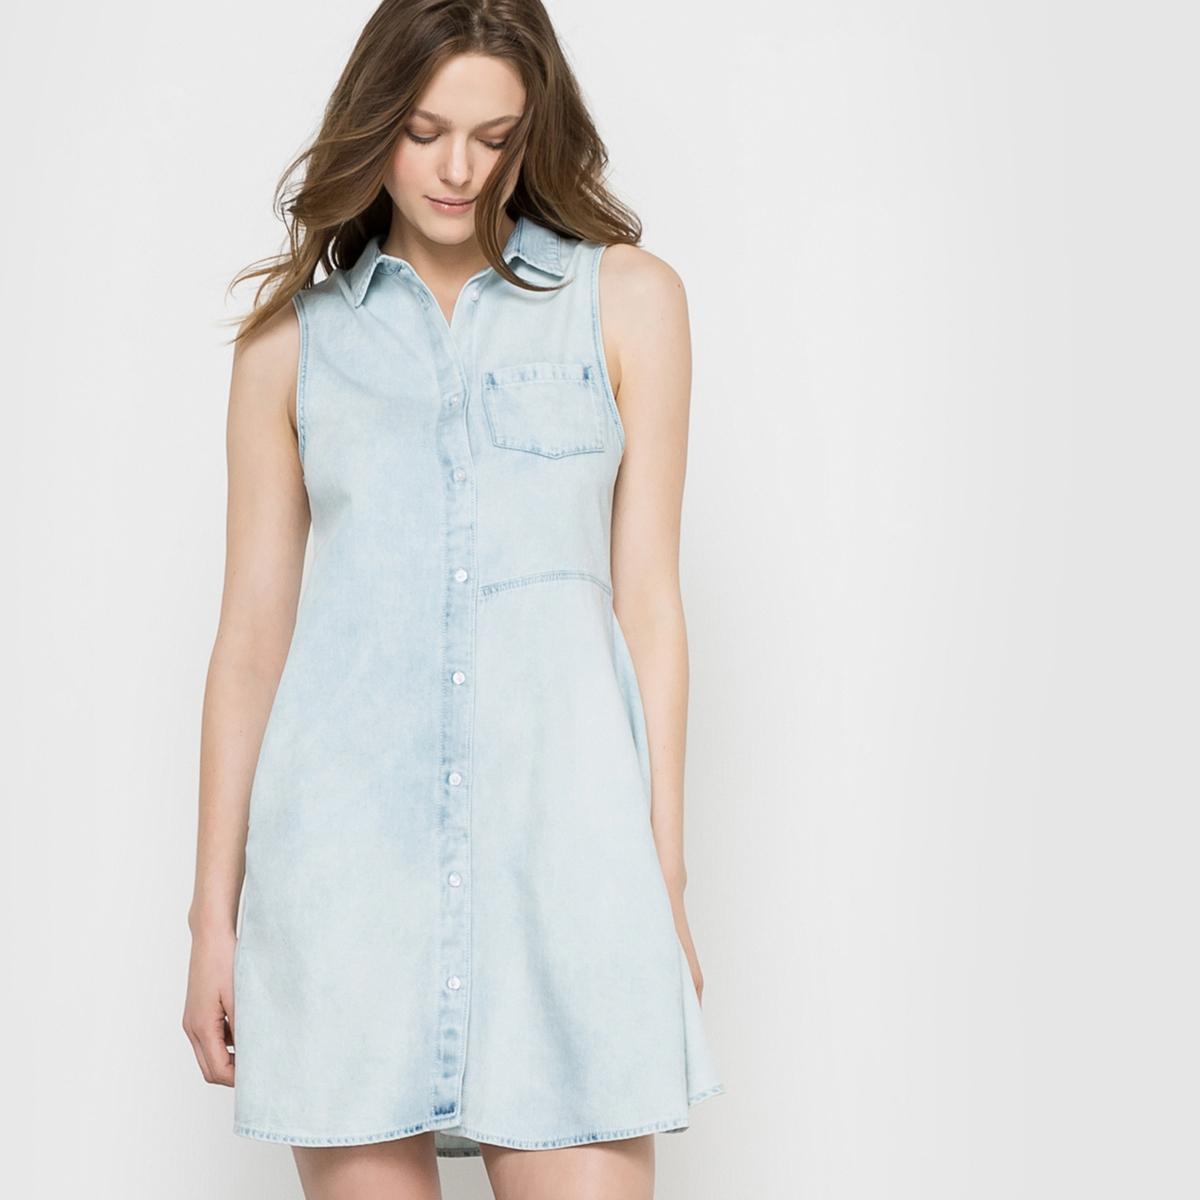 Платье-рубашка без рукавов, с карманом CHEAP MONDAY SPEND DETONATION DRESSСостав и описание :Материал : 100% хлопкаМарка : CHEAP MONDAY.<br><br>Цвет: голубой выбеленный<br>Размер: M